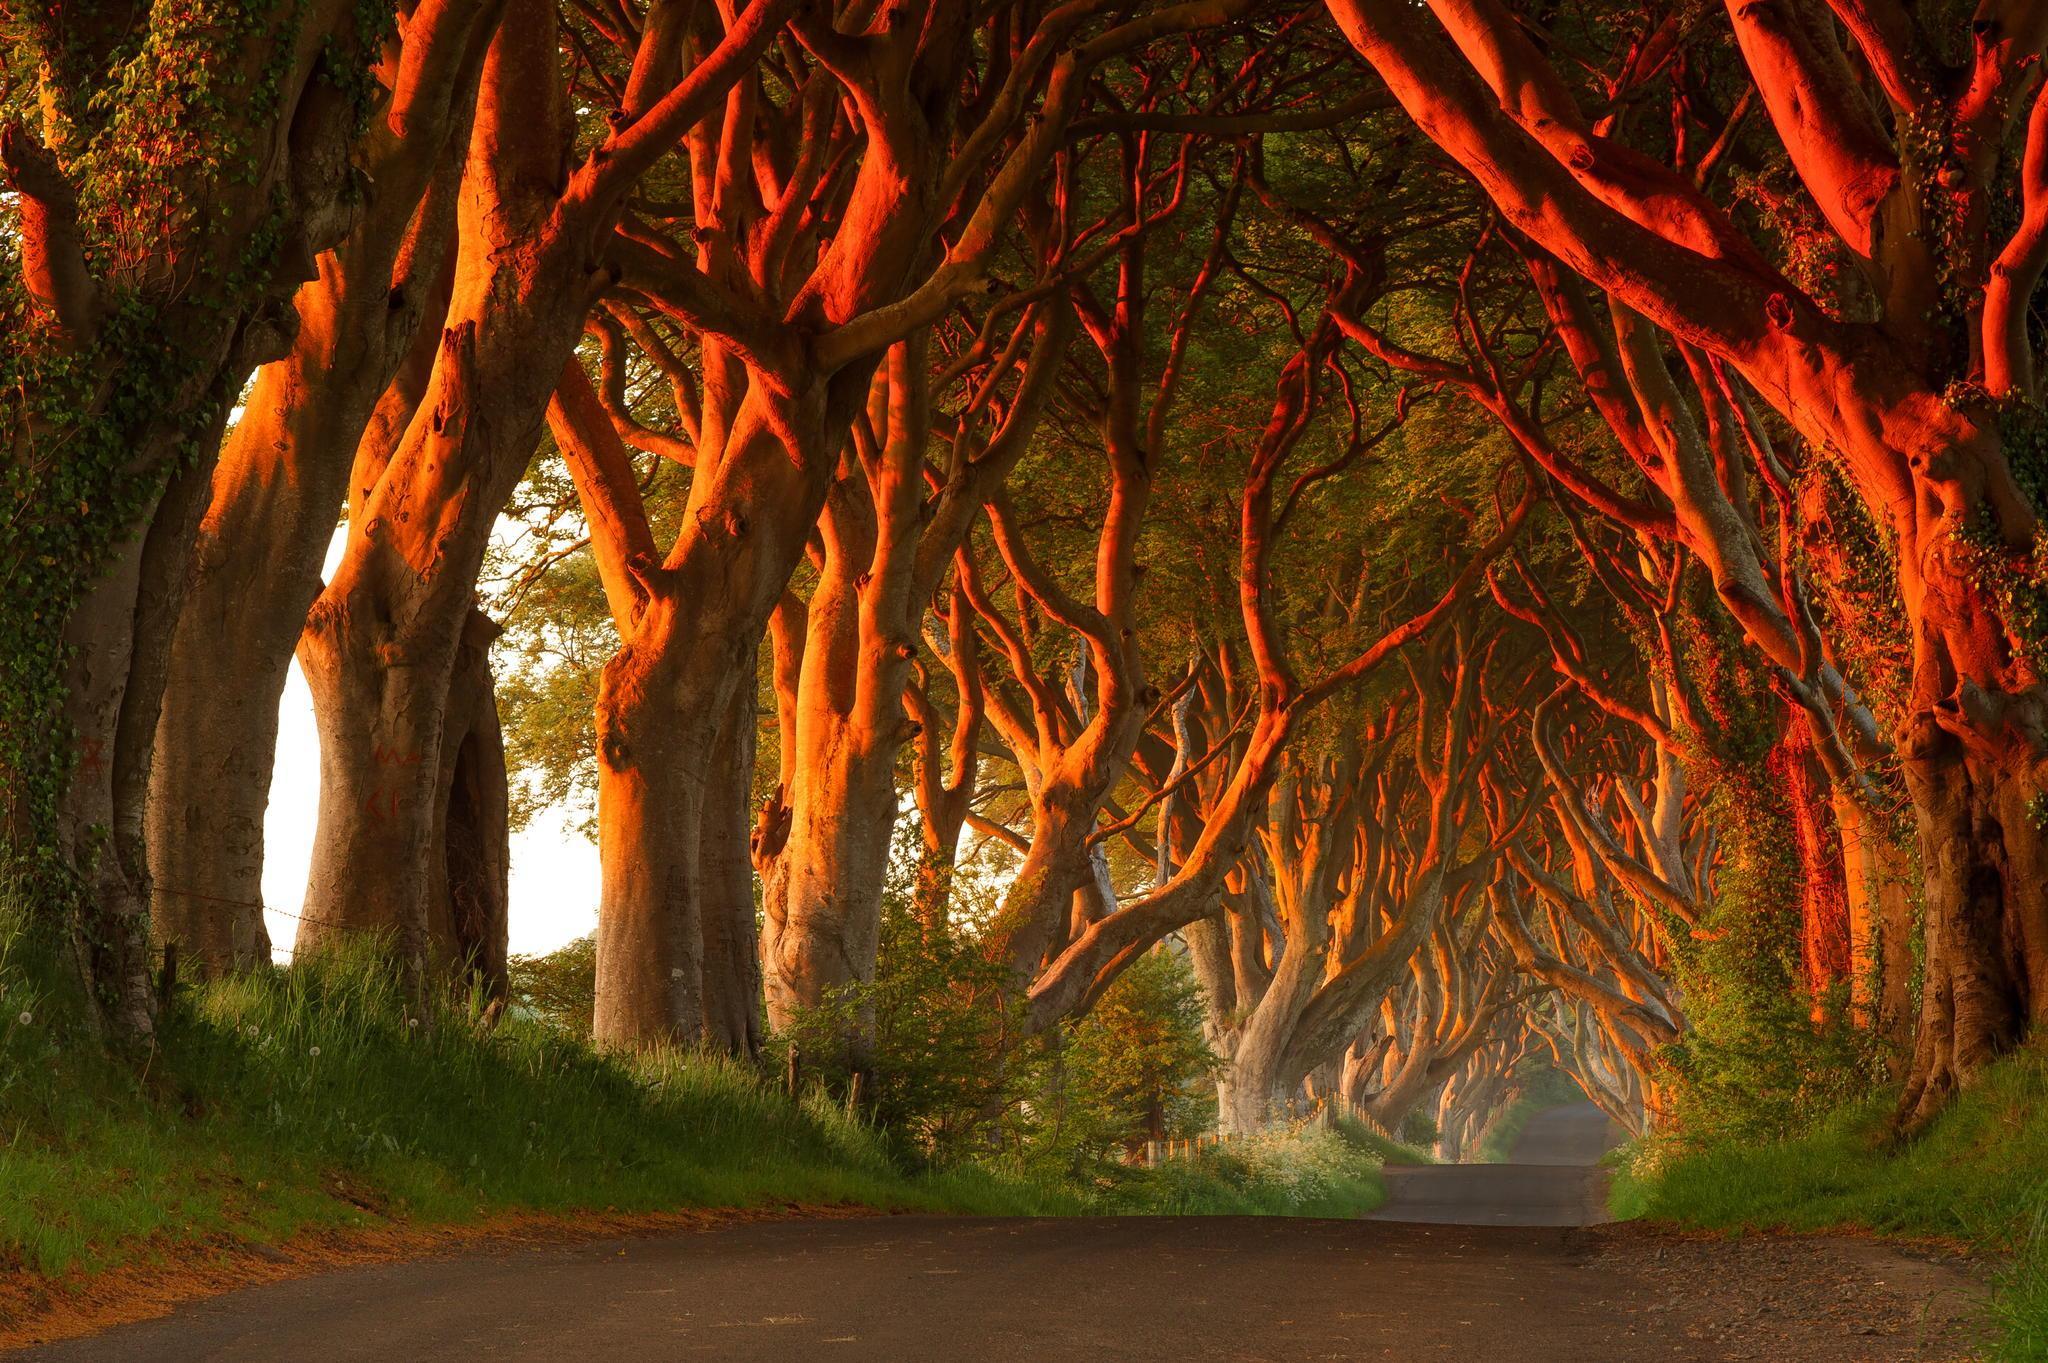 زیباترین خیابان ها